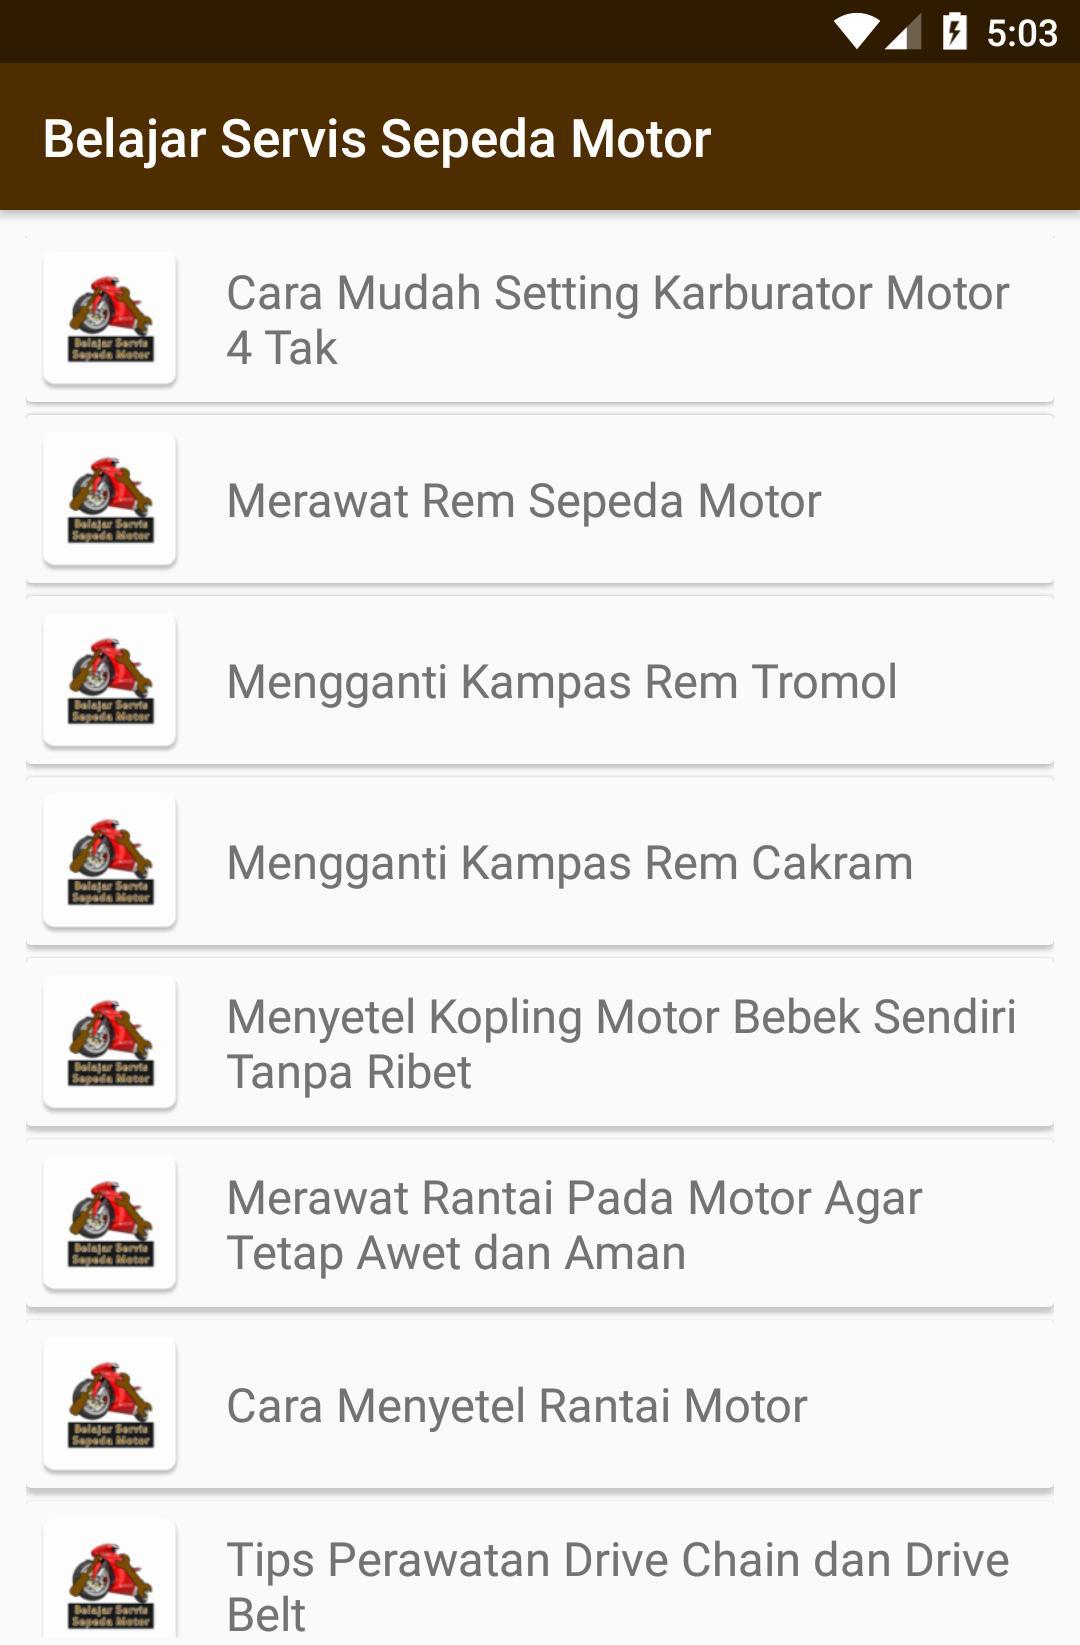 Belajar Servis Sepeda Motor For Android Apk Download